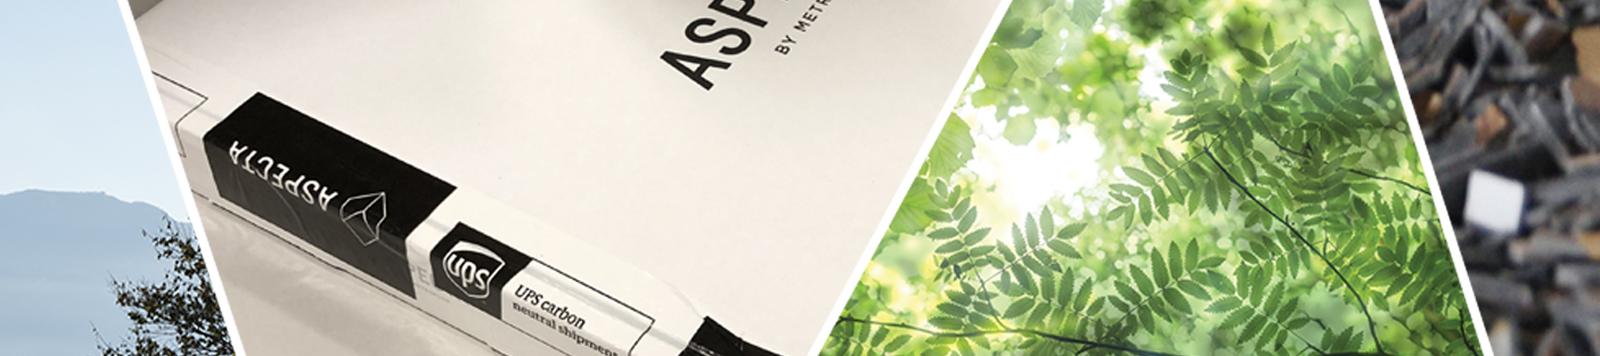 Aspecta Sustainability Programs